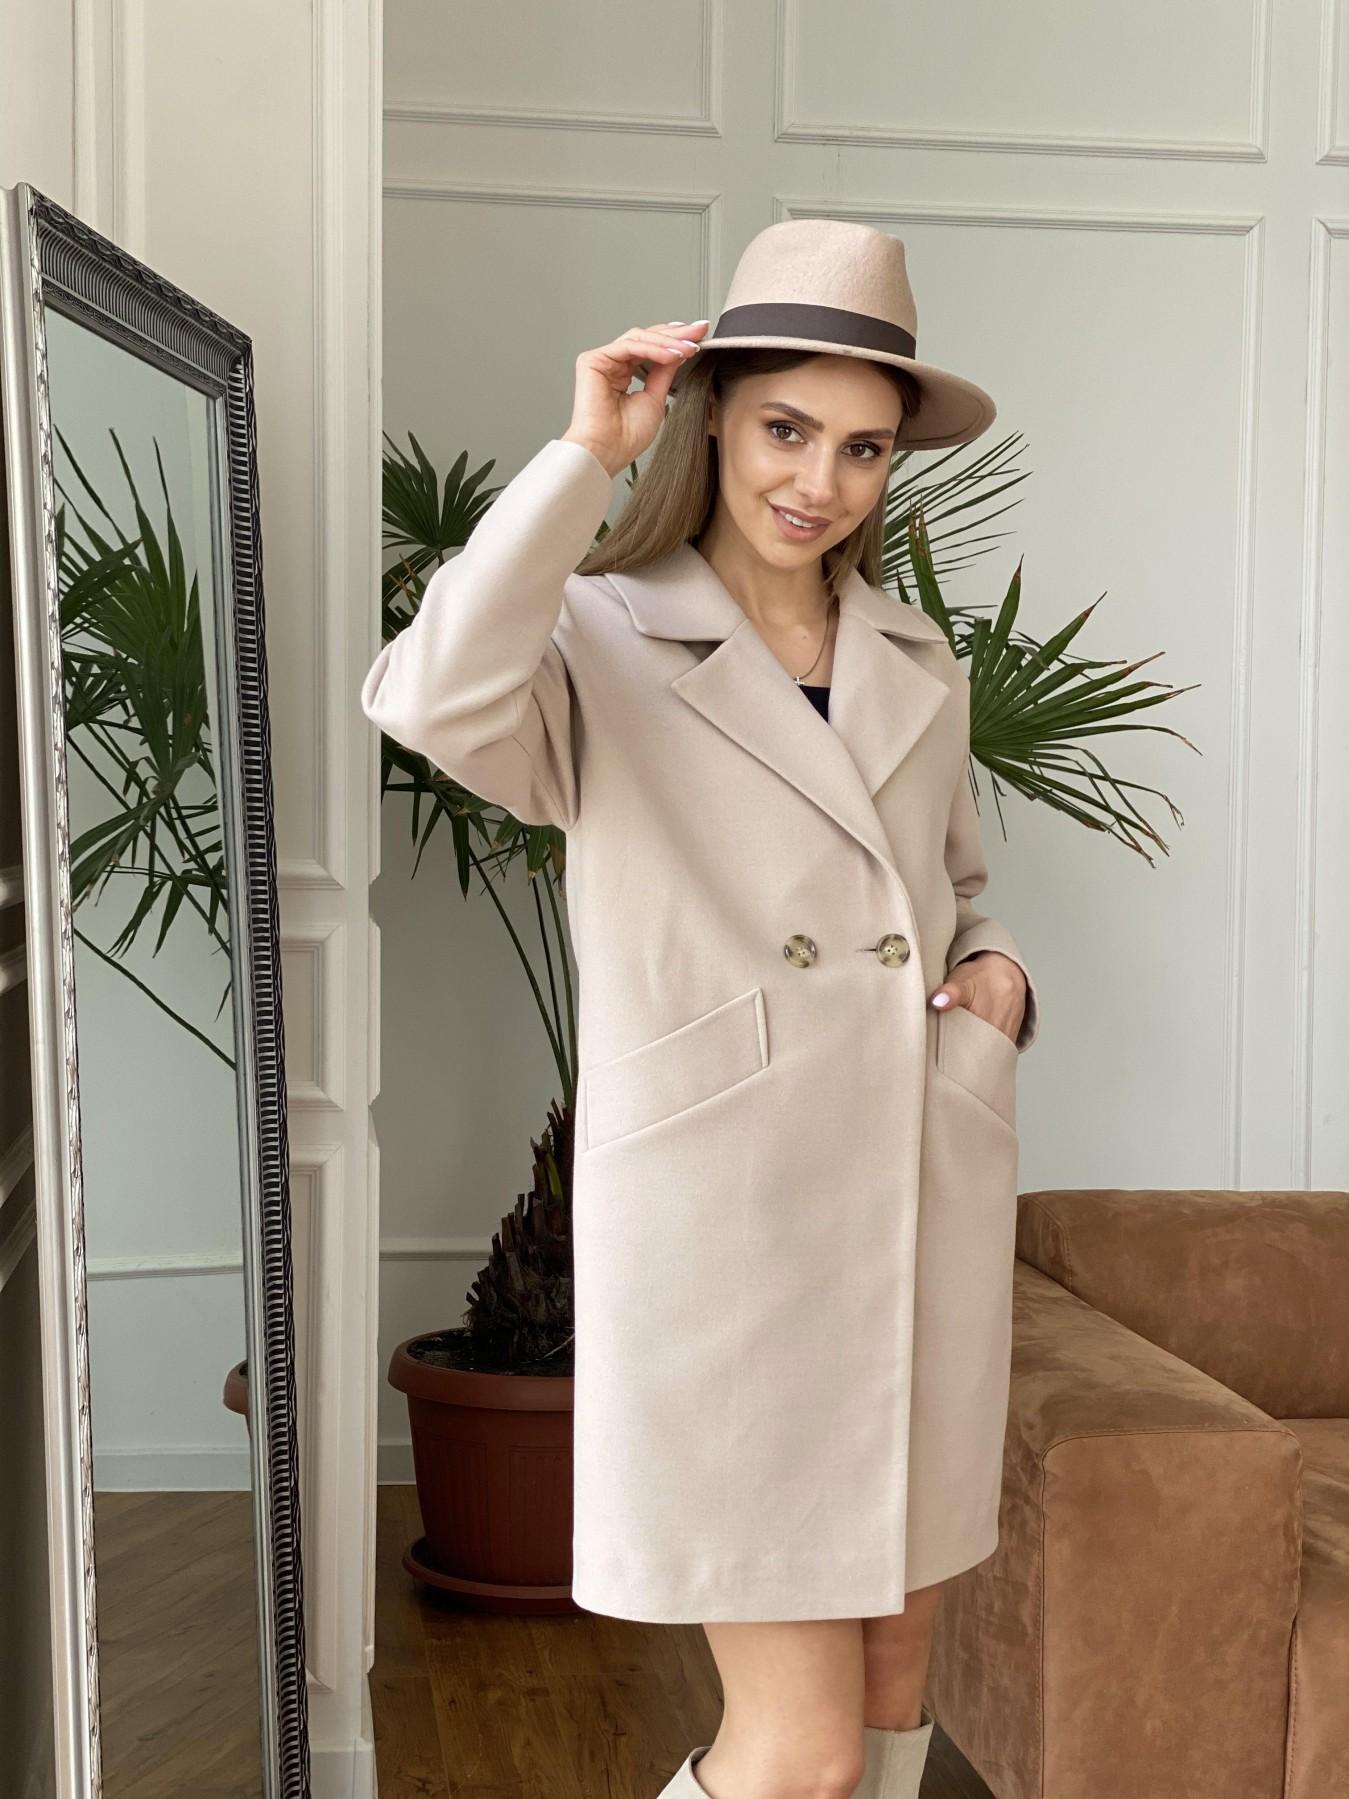 Сенсей пальто  из гладкого кашемира 10905 АРТ. 47373 Цвет: Бежевый - фото 4, интернет магазин tm-modus.ru